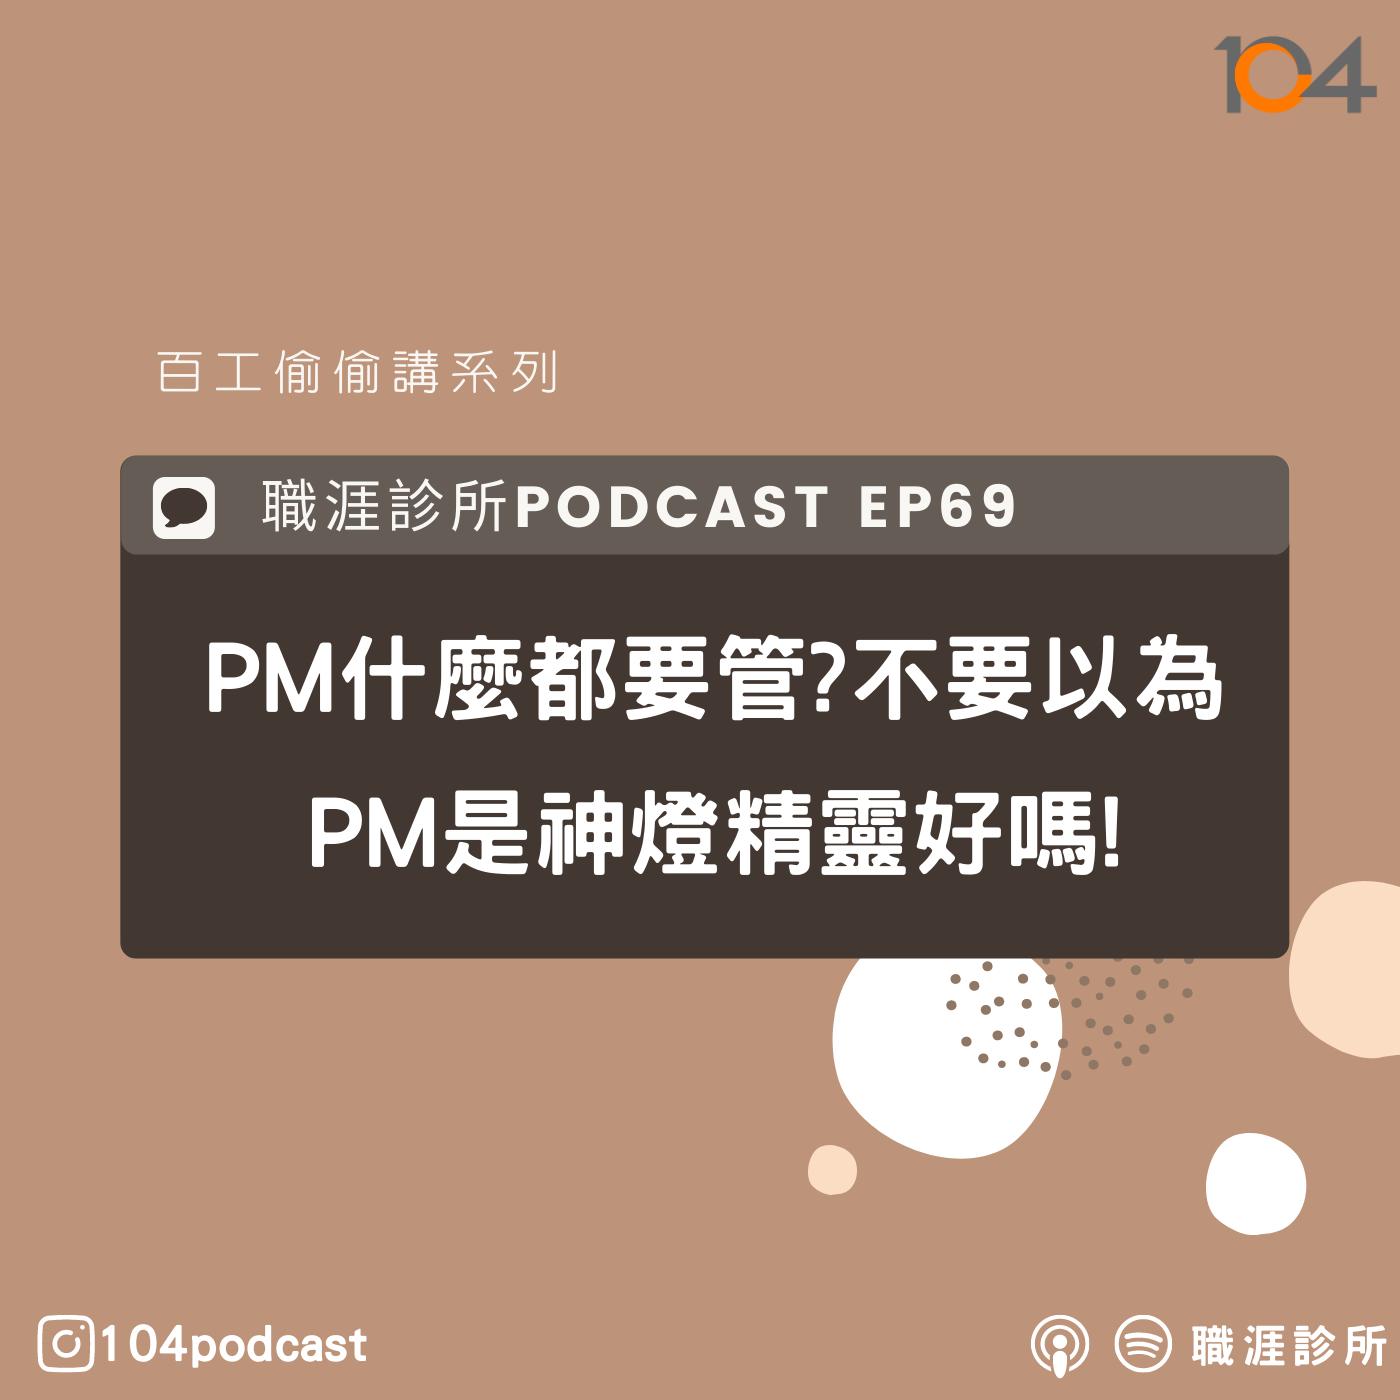 EP69 【百工偷偷講】PM什麼都要管?不要以為PM是神燈精靈好嗎!當主管最佳前哨站就是當PM? Live on Clubhouse (上集)